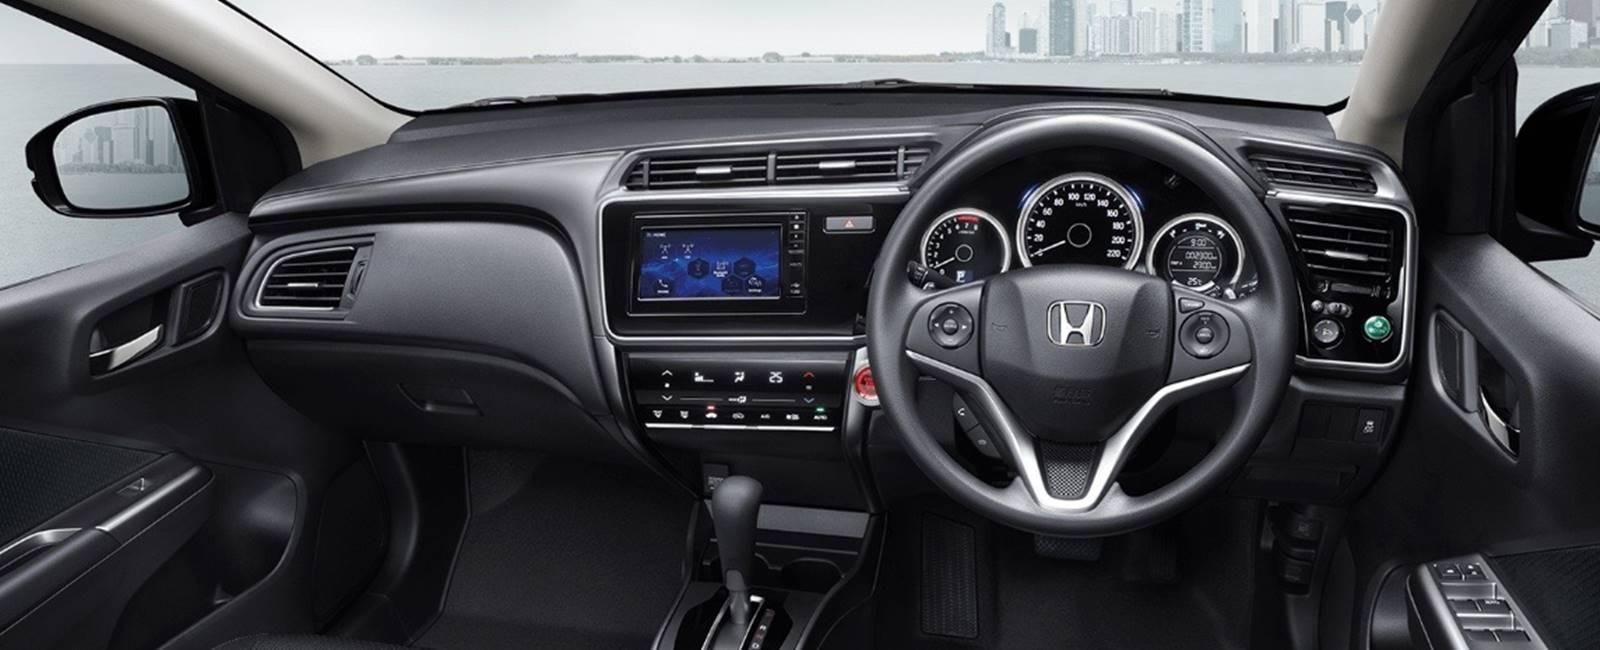 V Cr Ex 2013 Inside Honda White